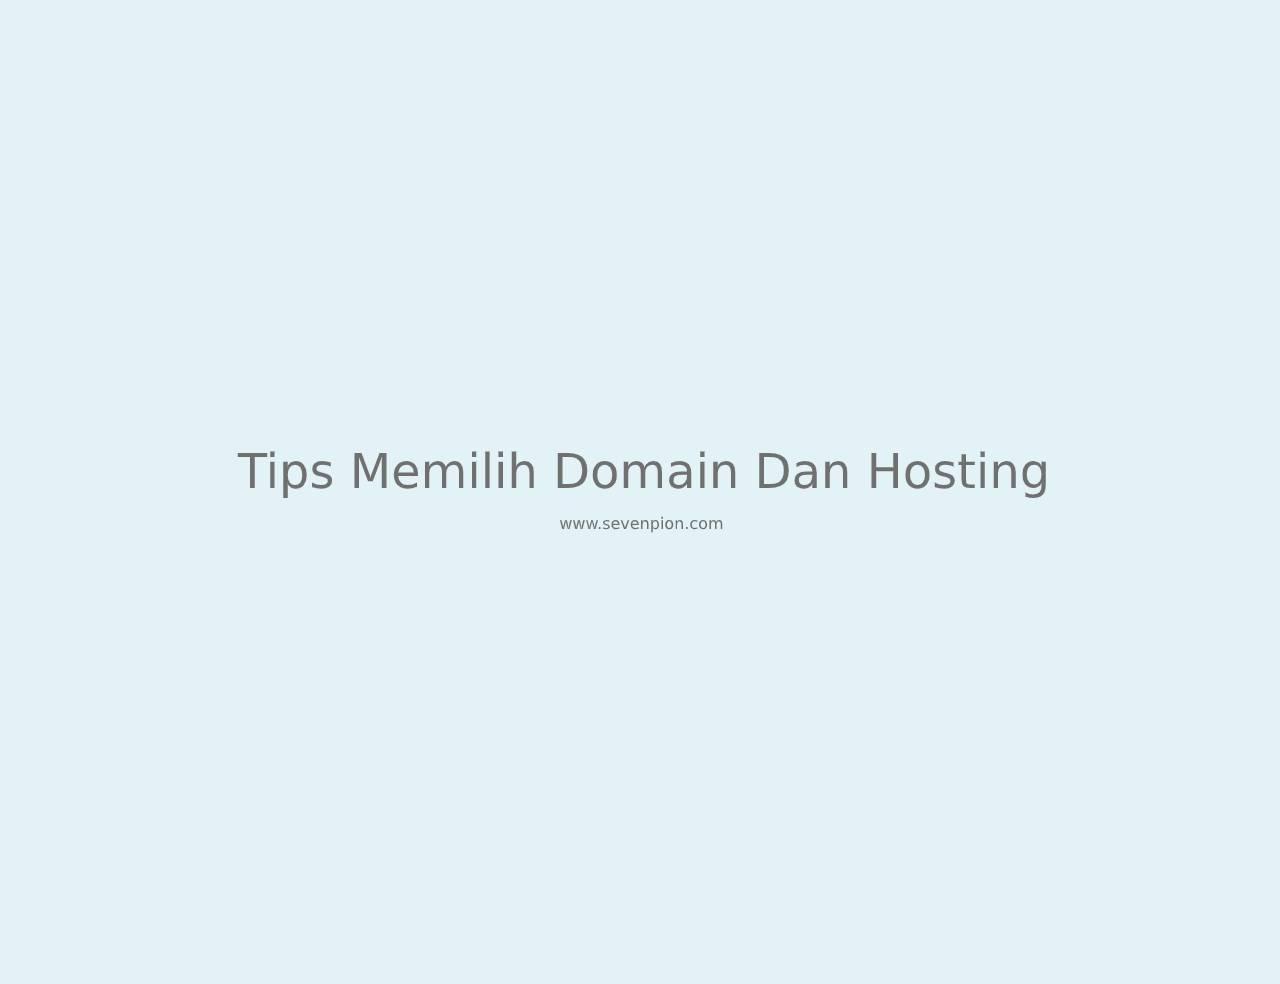 tips memilih domain dan hosting